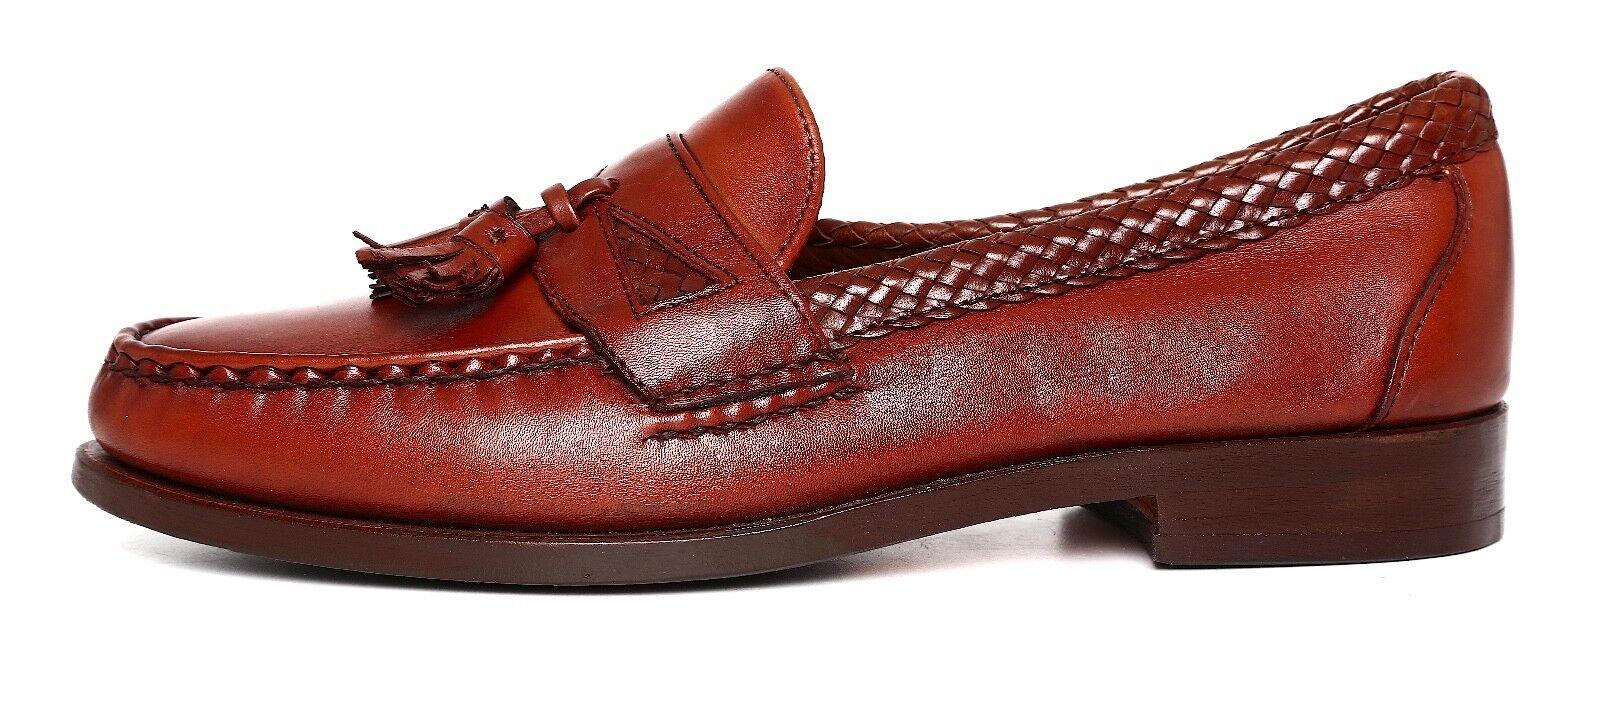 presa di fabbrica Allen Edmonds Maxfield Tassel Leather Slip On Loafers Marrone Uomo Uomo Uomo Sz 8.5 D 4151  prezzi più convenienti